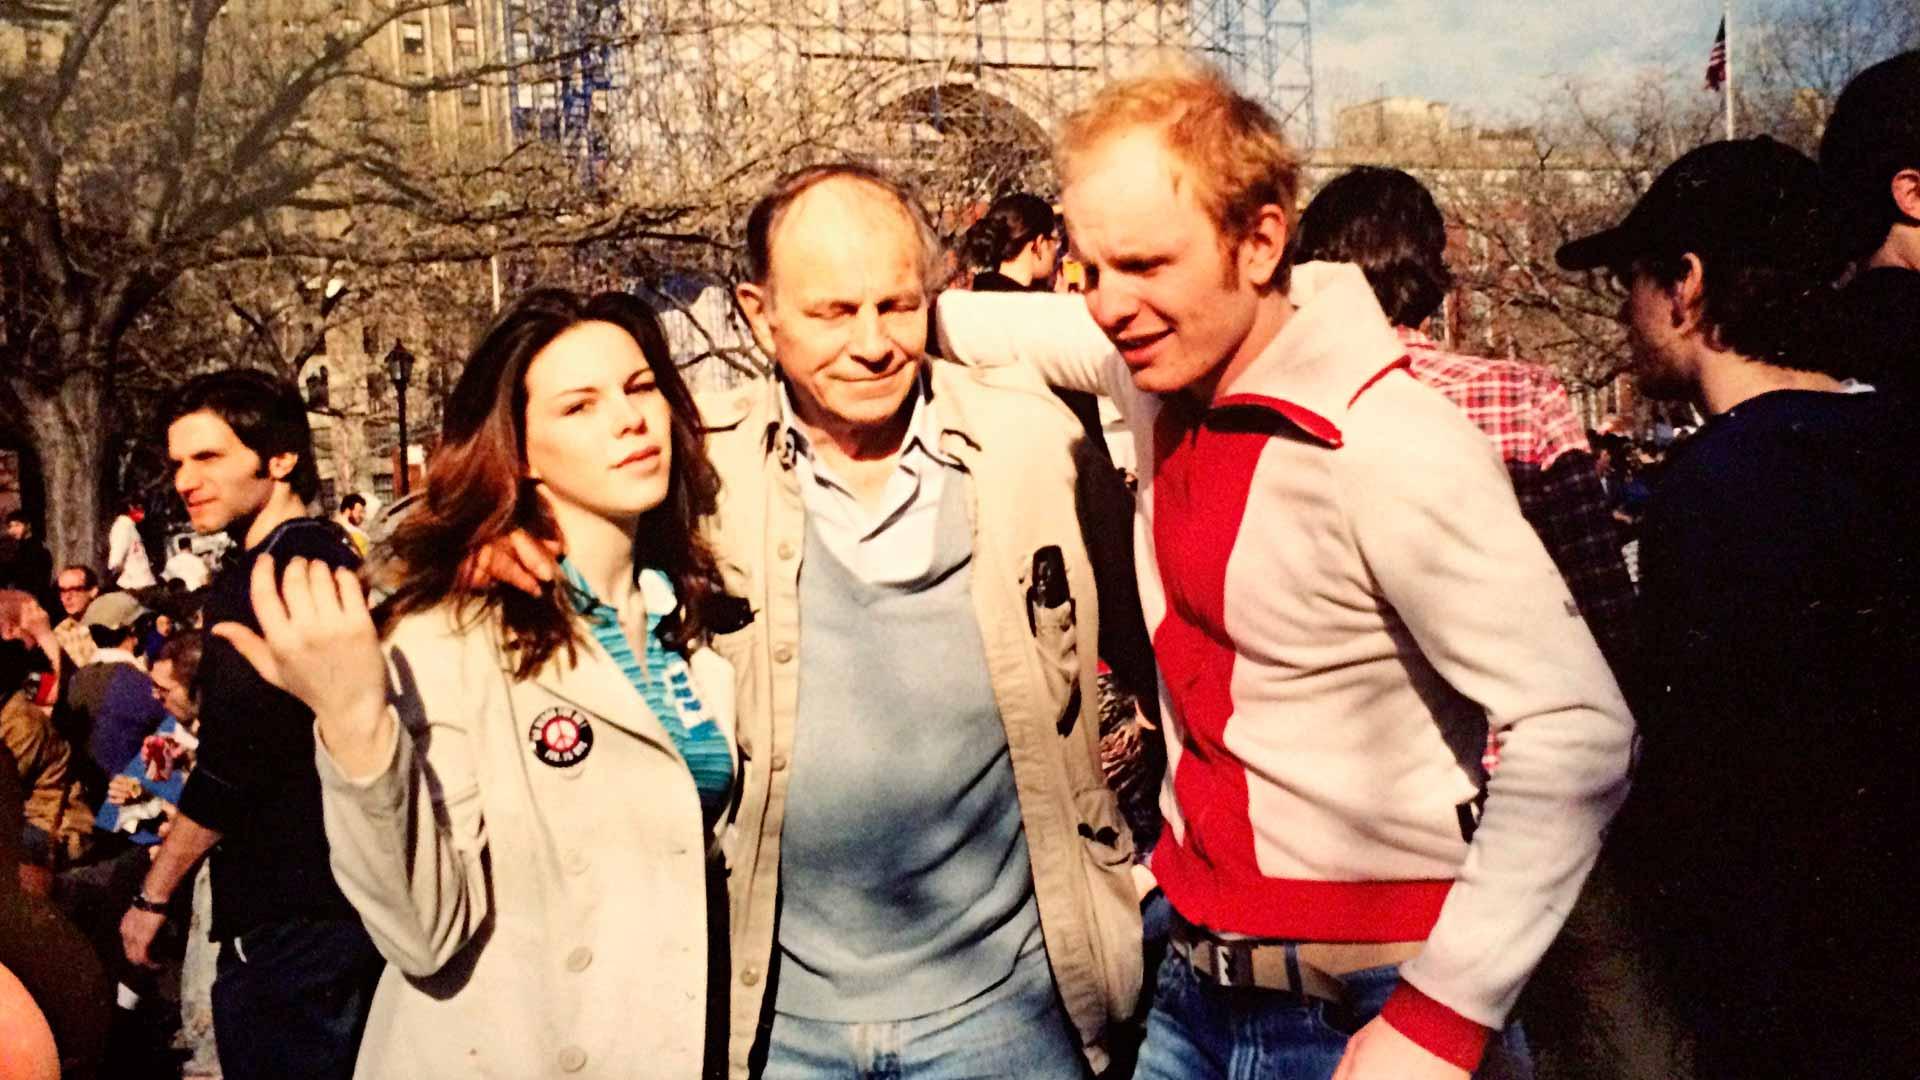 Karukoski, hänen siskonsa Erin sekä isänsä George osallistuivat Irakin sodan vastaiseen mielenosoitukseen Manhattanin Washington Square Parkissa keväällä 2003.